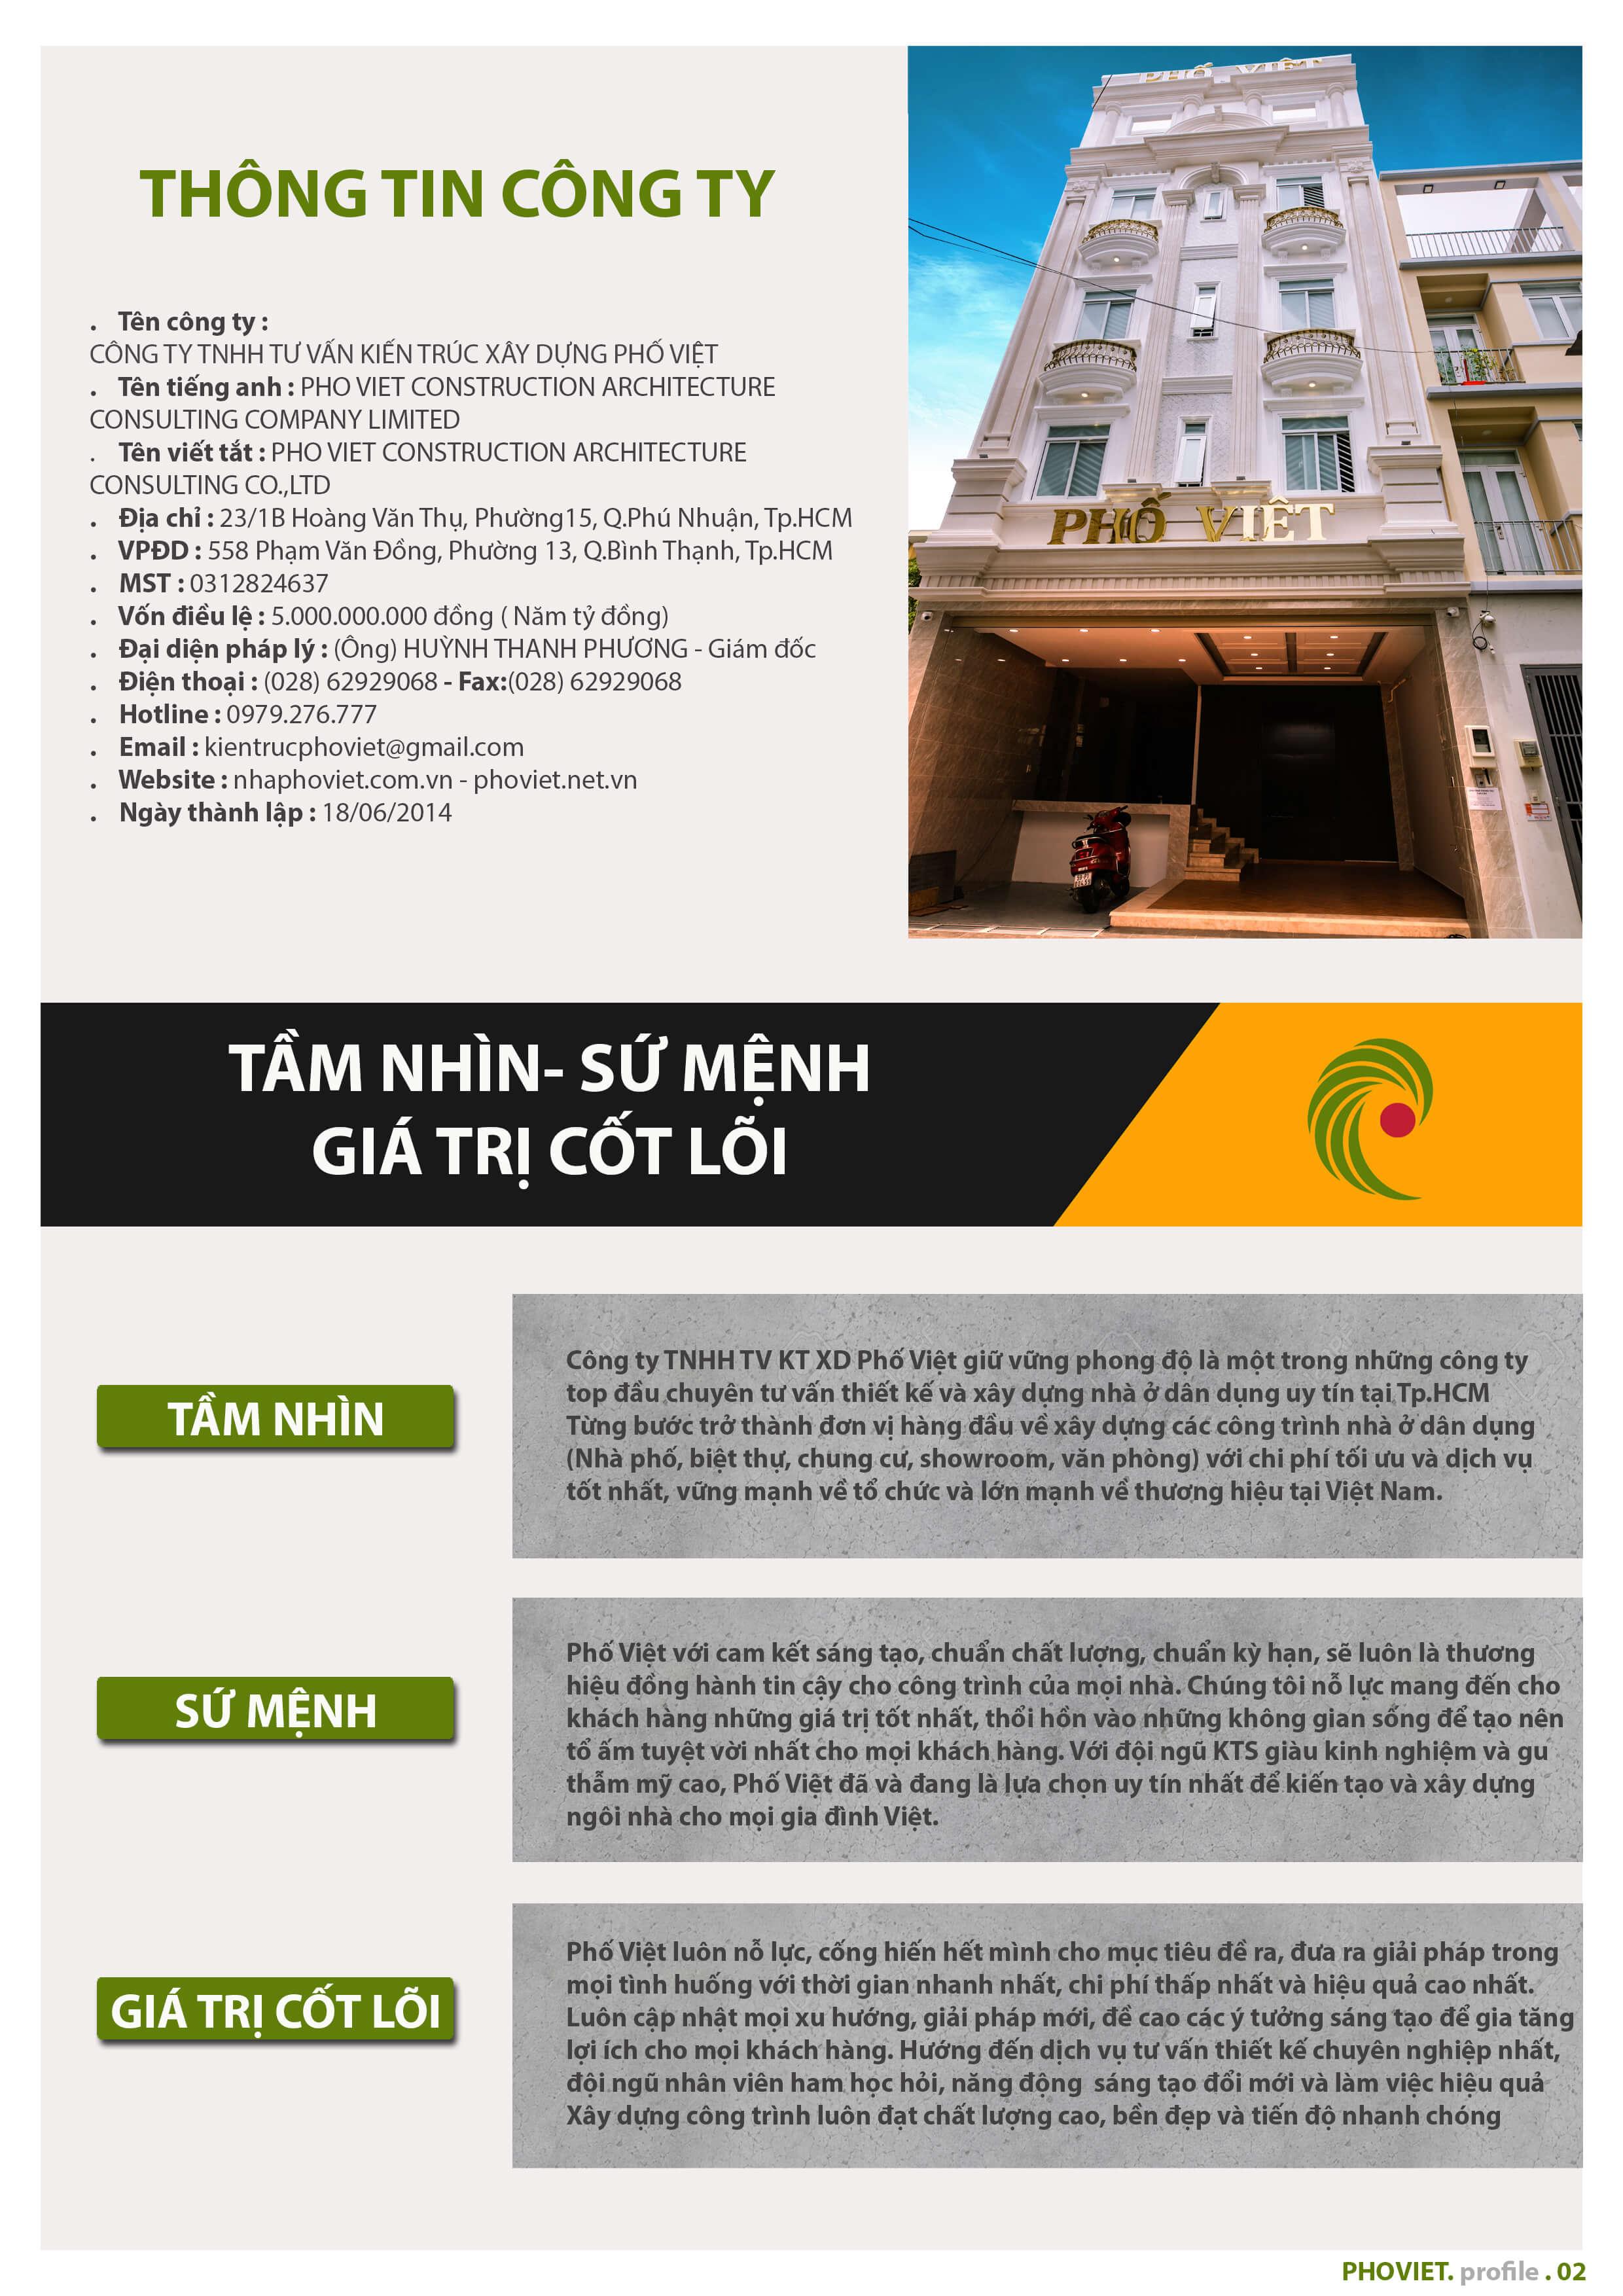 Là chuyên gia trong lĩnh vực thiết kế và xây dựng, công ty xây dựng uy tín tại TPHCM - Phố Việt tự tin sẽ cùng với khách hàng kiến tạo nên không gian sống tuyệt vời nhất